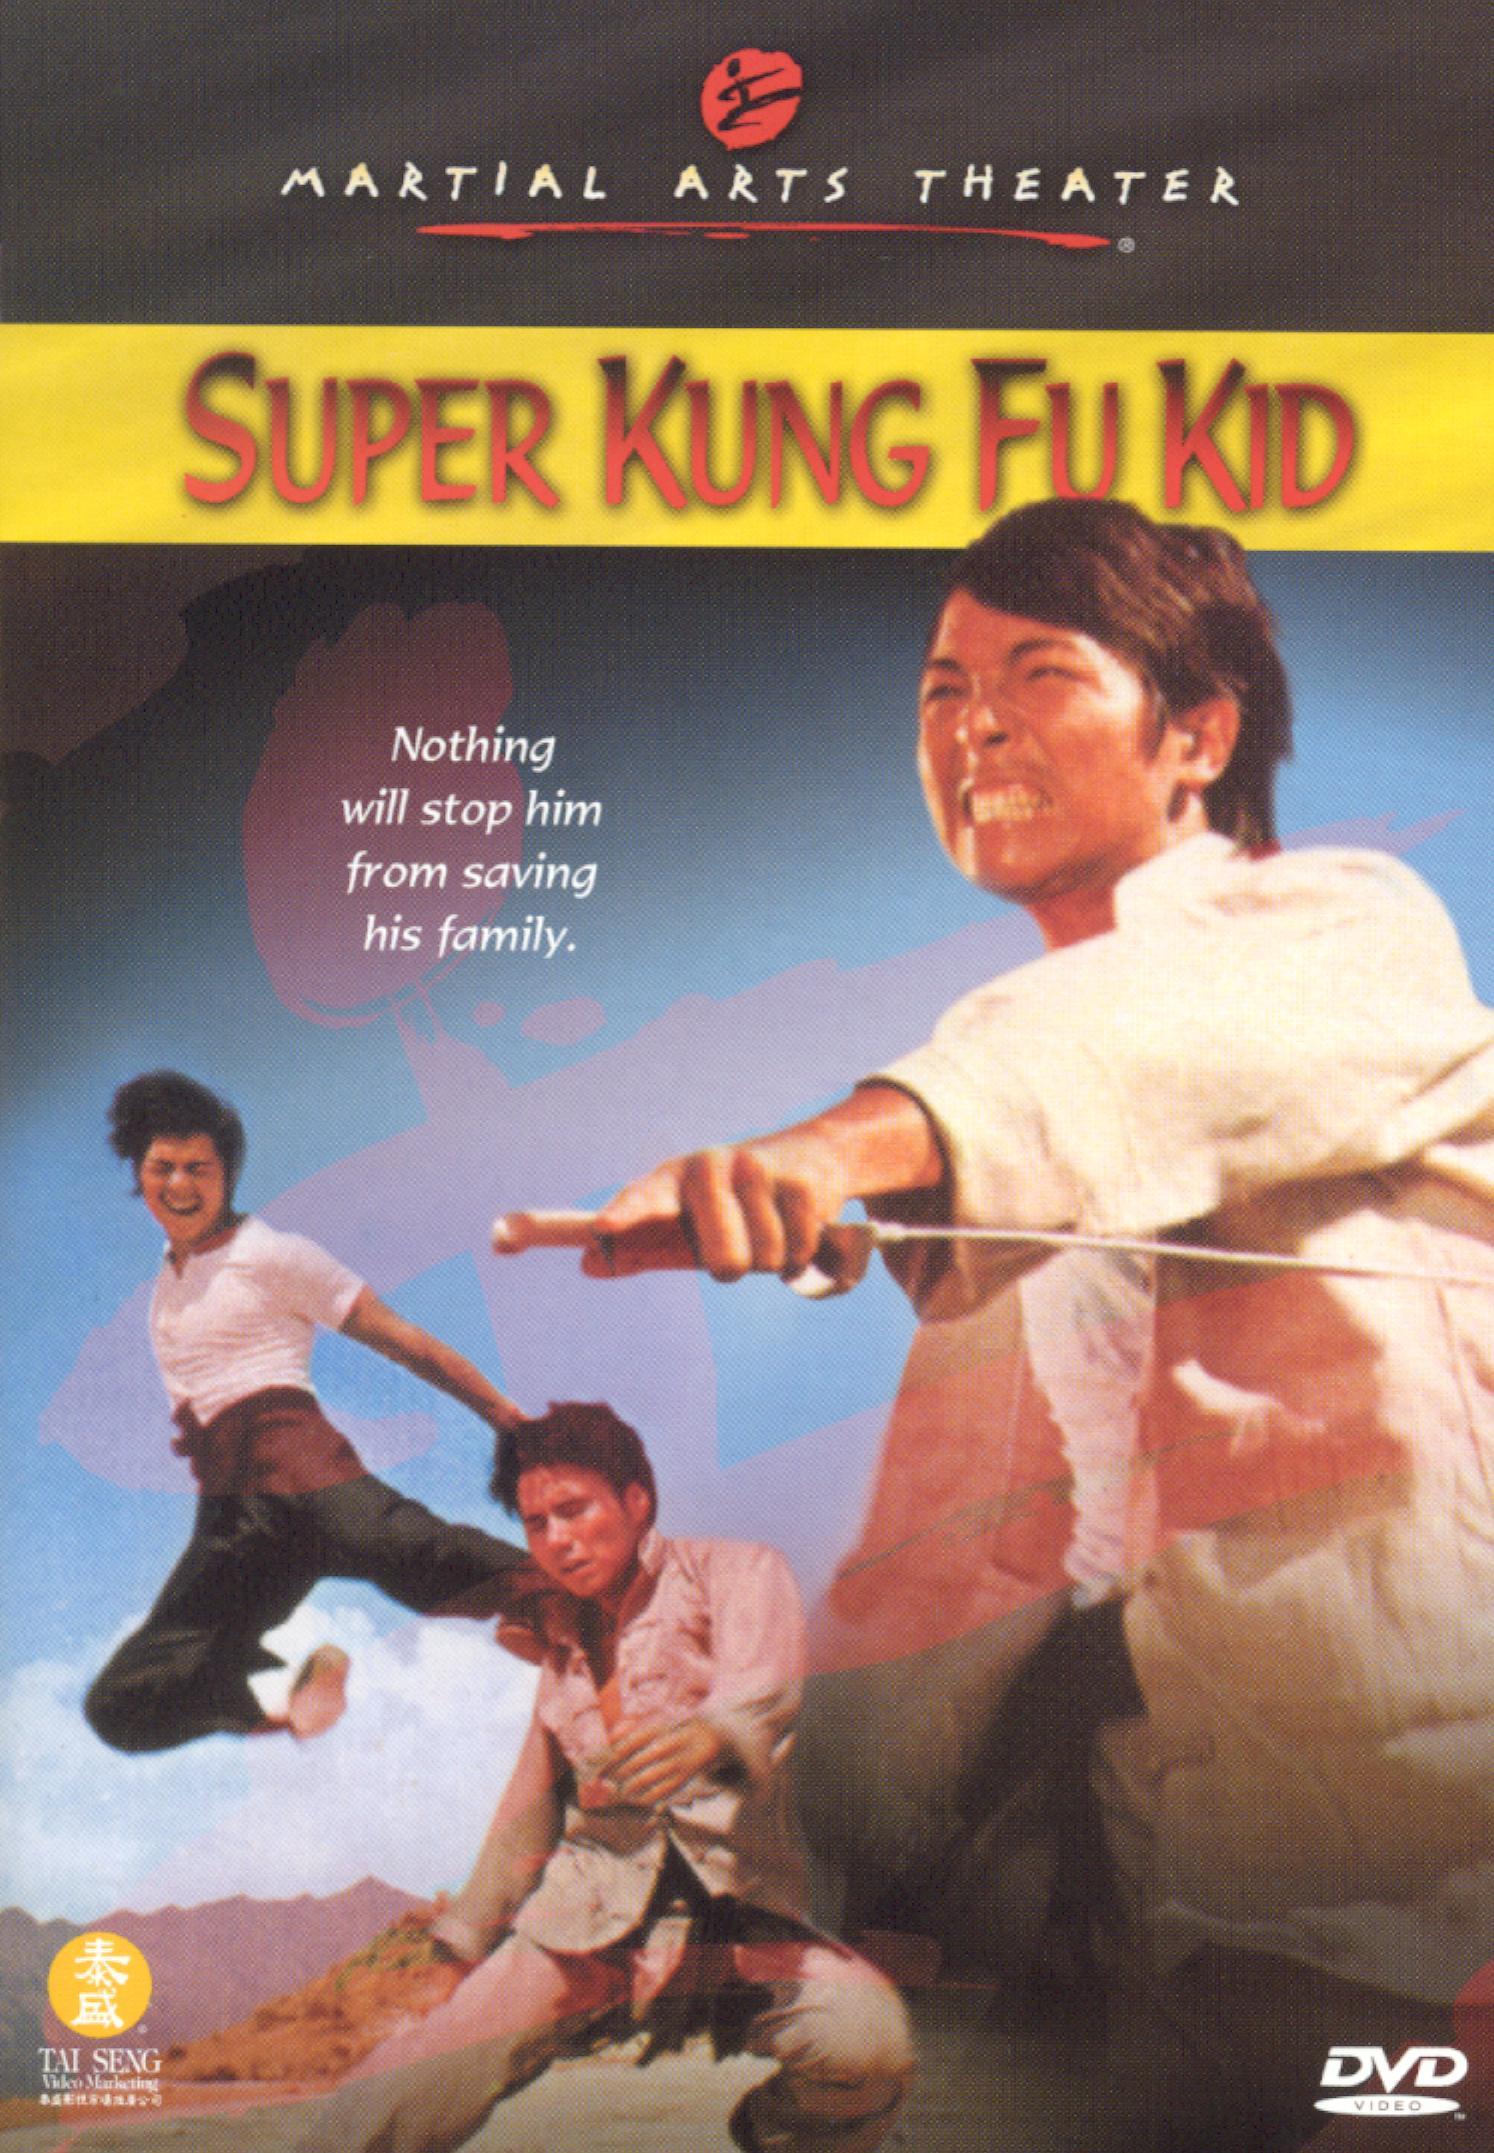 Super Kung Fu Kid